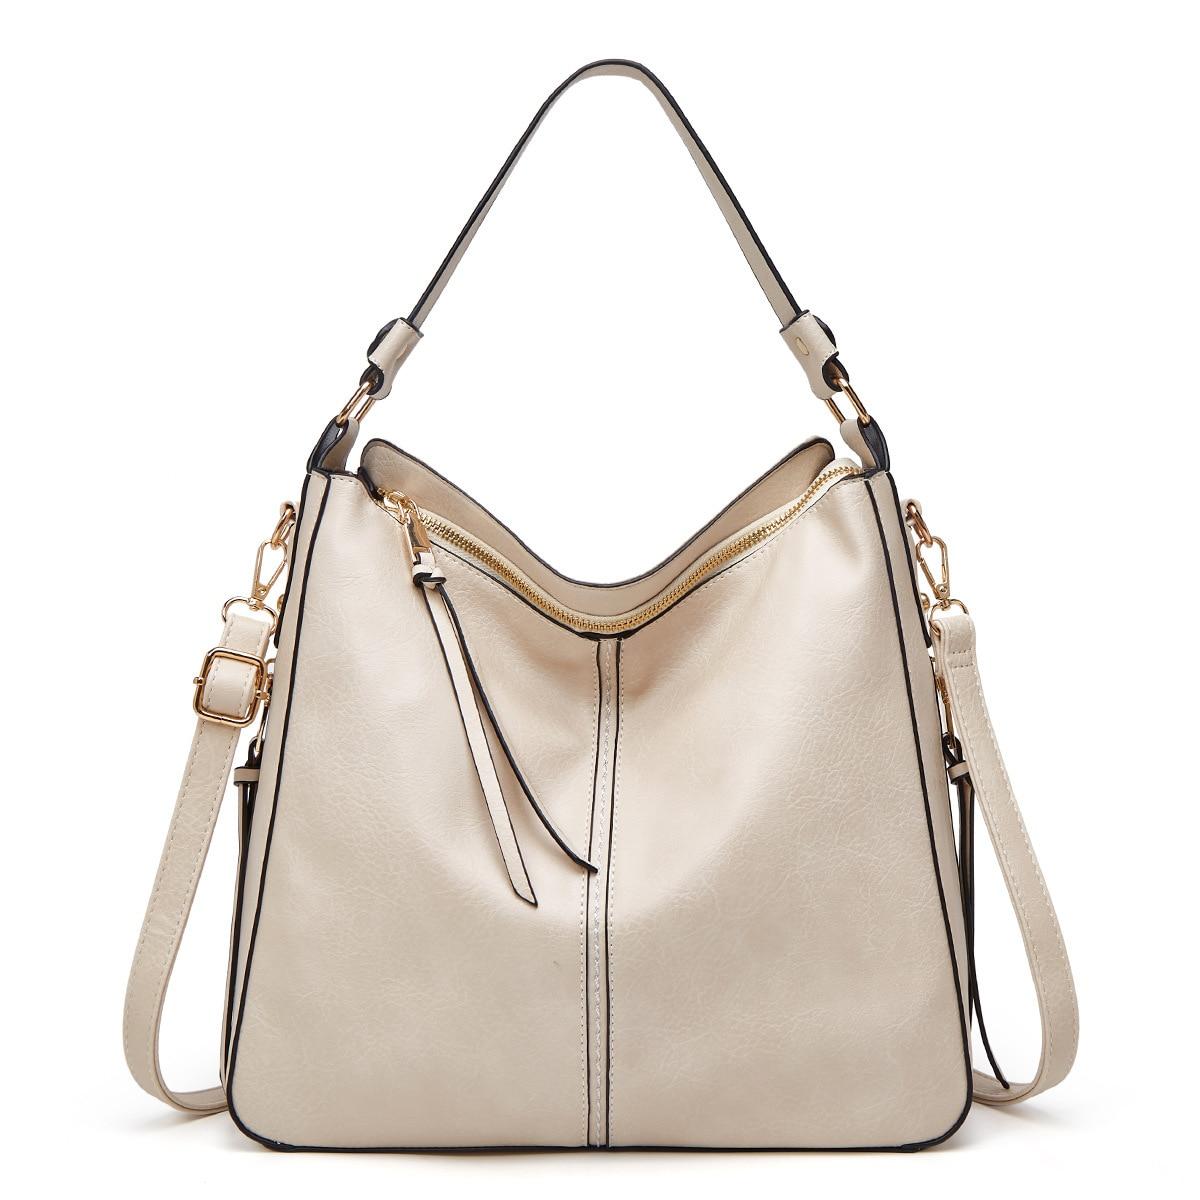 Новинка 2020, Европейская и американская мода, Ретро сумка-тоут, женская сумка, сумка на одно плечо